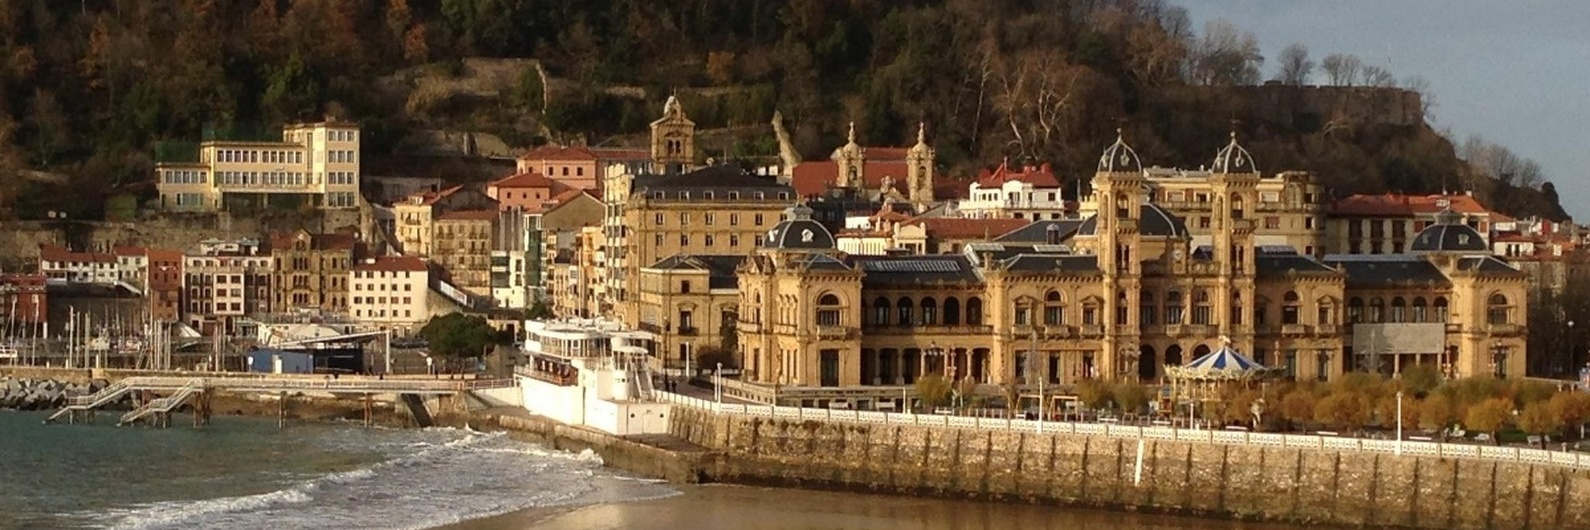 País Basco: tabernas, ondas e Guernica